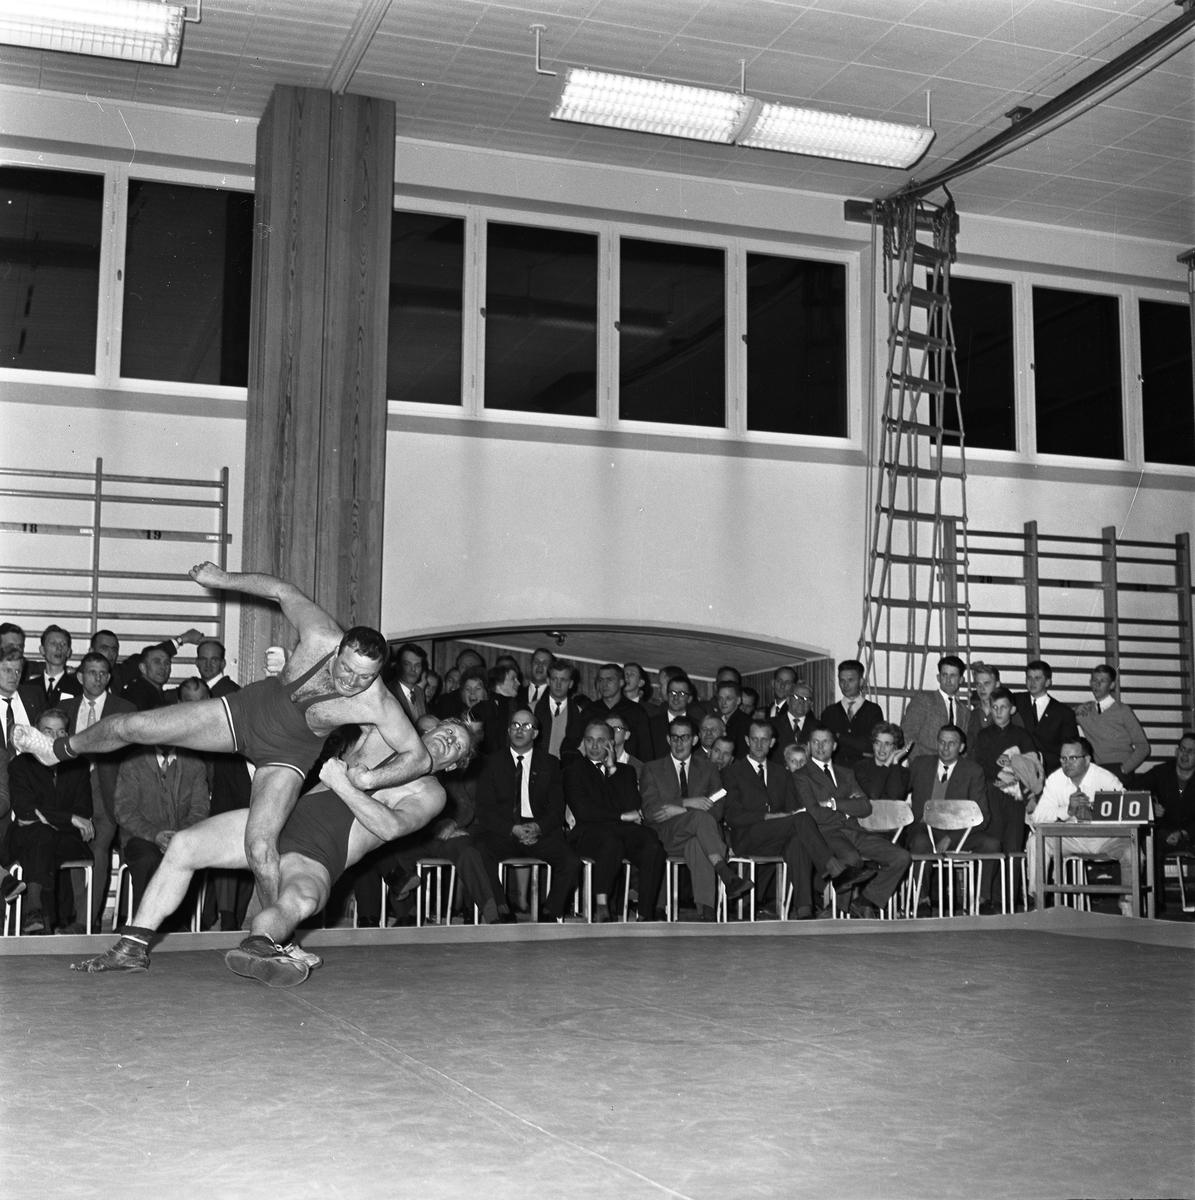 Tävlingen Fyrstadsbrottning mellan Arboga Atletklubb, Eslöv, Uddevalla och Falkenberg. Två män ovanför brottarmattan. Publik i gymnastiksalen.